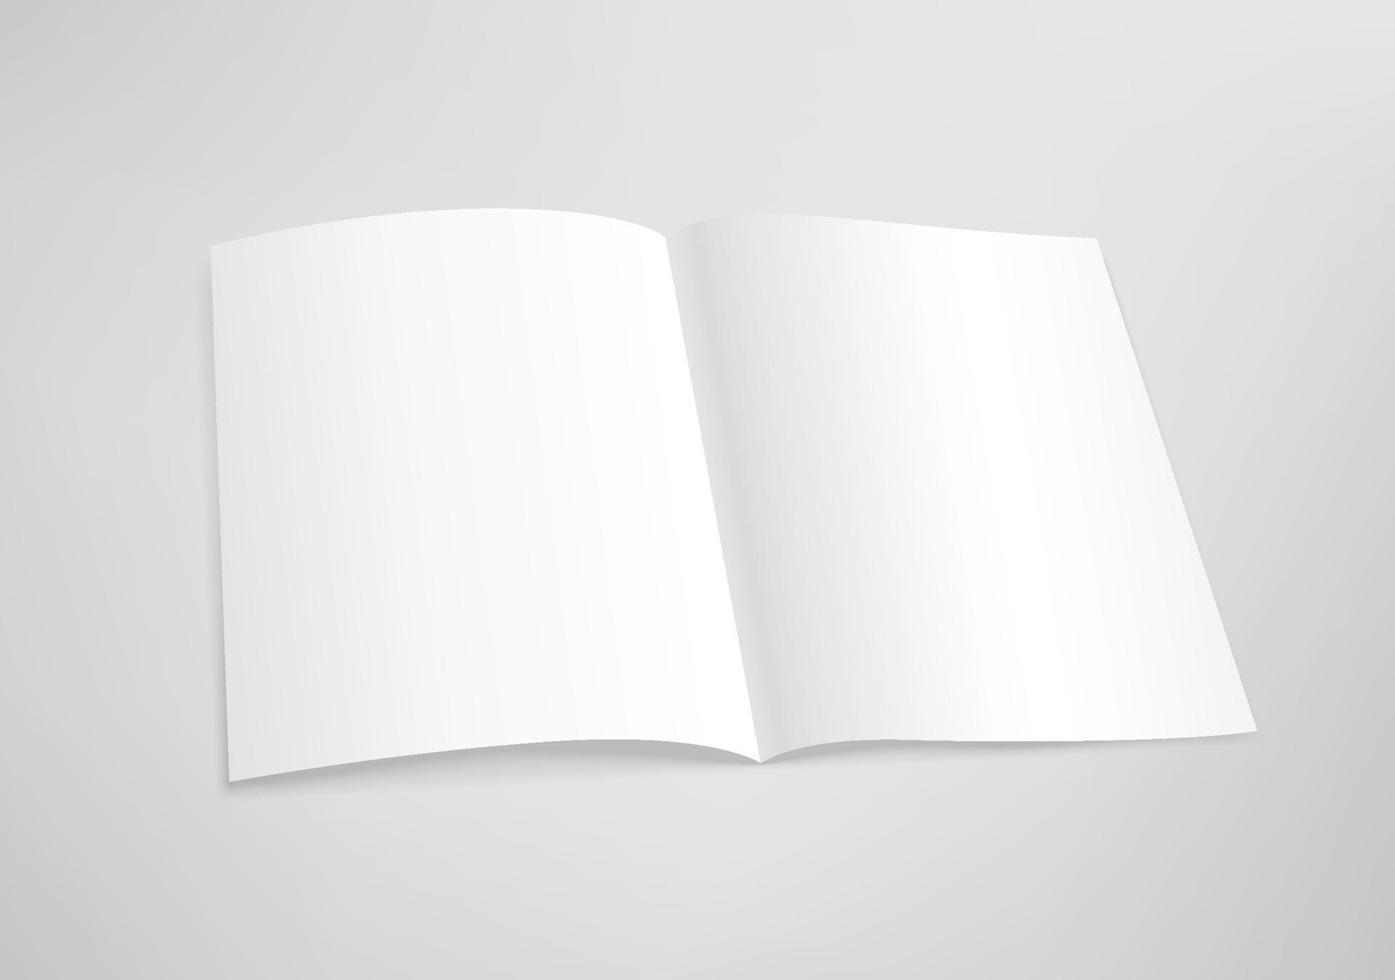 öppnade tomt papper bok. mall för design. vektor mockup